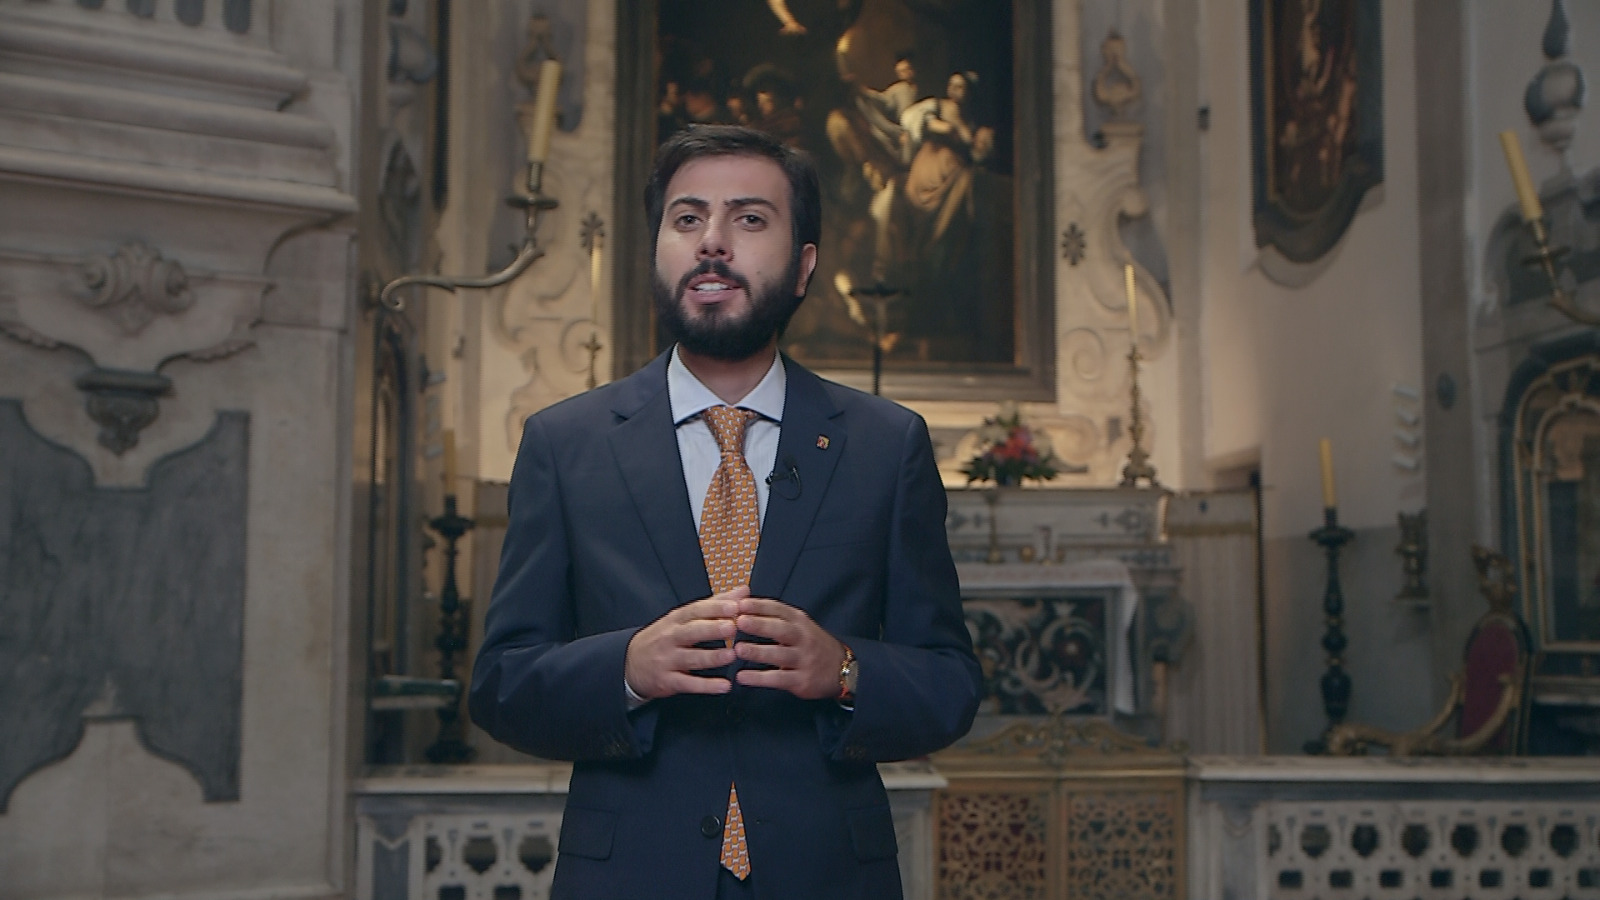 Nicolucci Caravaggio